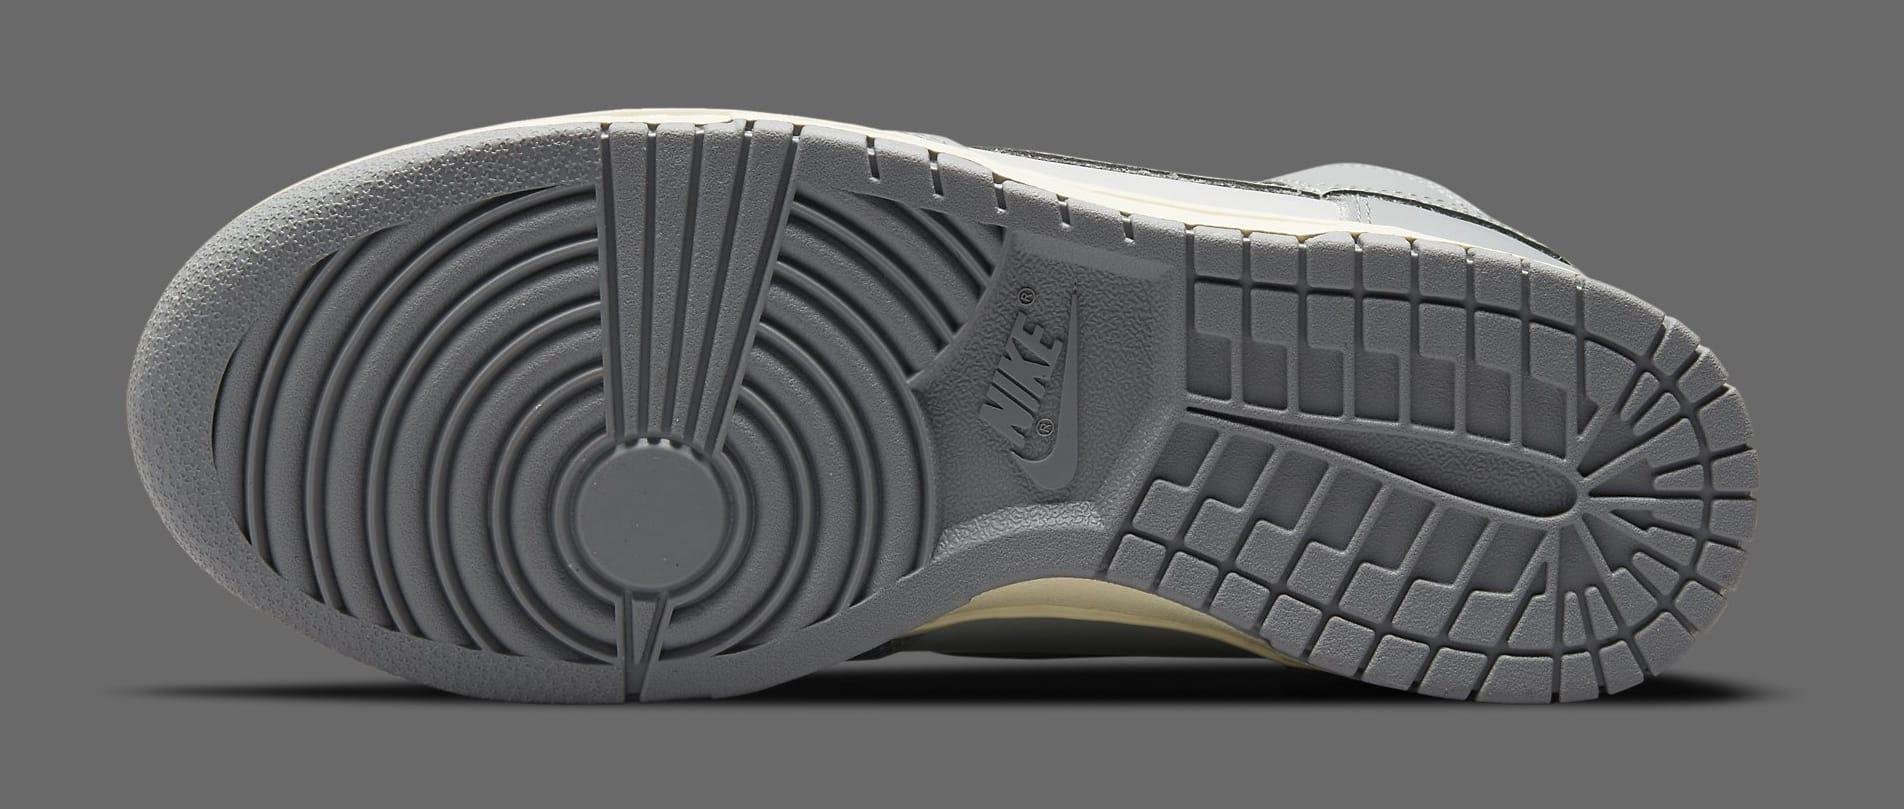 Nike Dunk High 'Grey' DD1869-001 Outsole